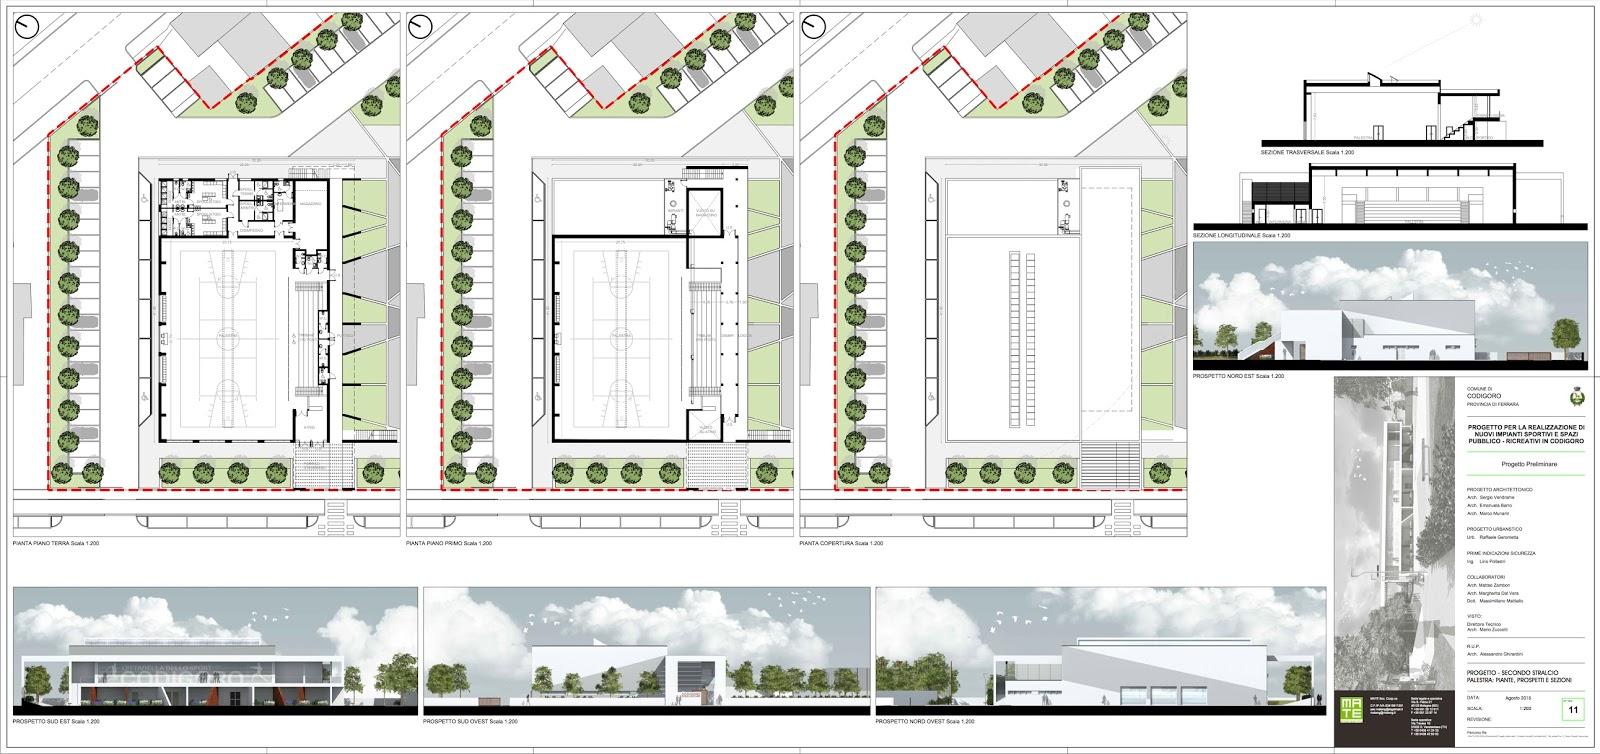 Codigoro in movimento le tavole del progetto cittadella dello sport da 2 3 milioni di euro - Tavola valdese progetti approvati 2015 ...